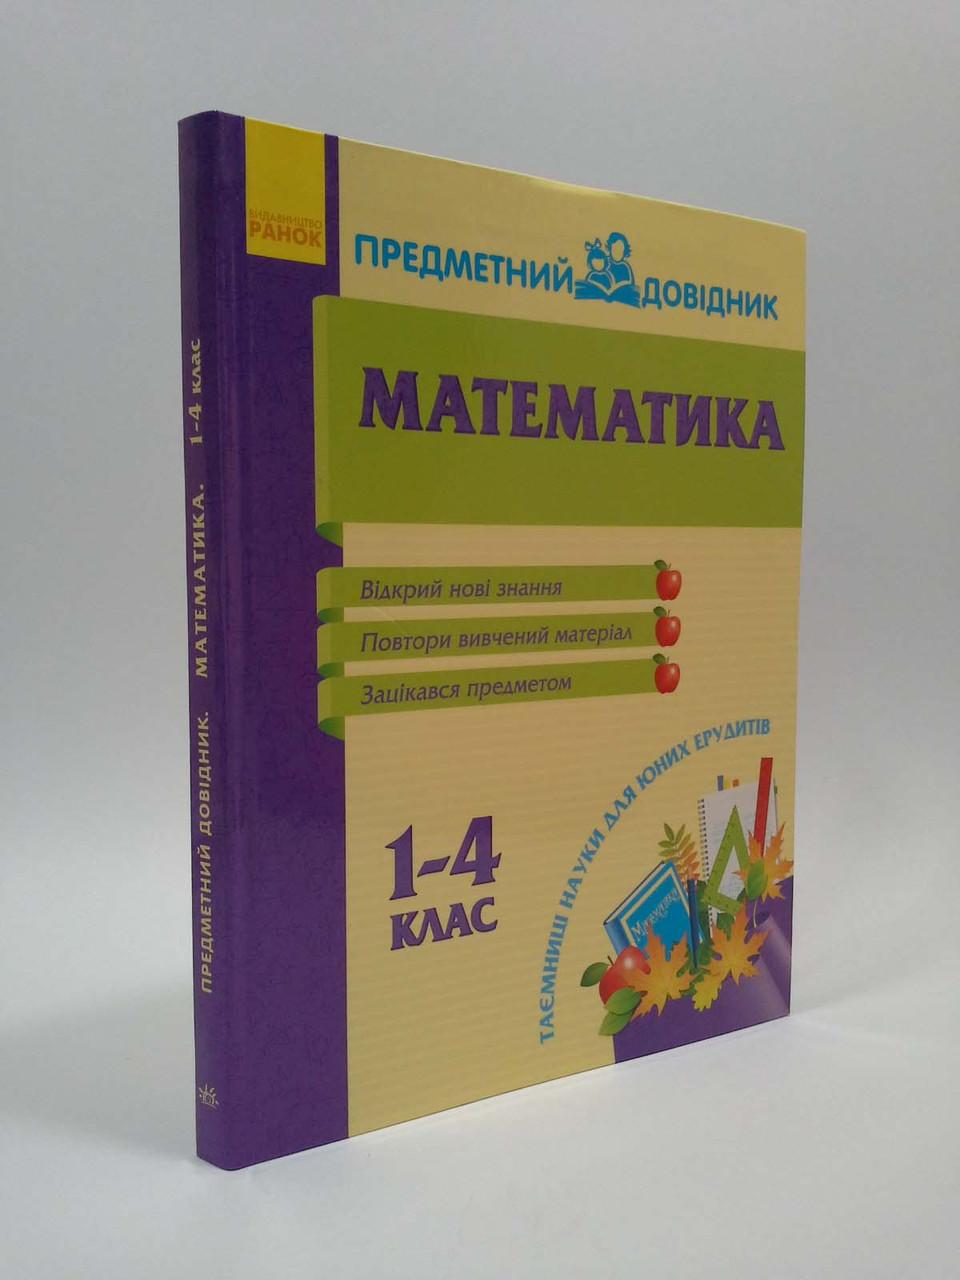 Ранок Предметний довідник Математика 001-04 кл